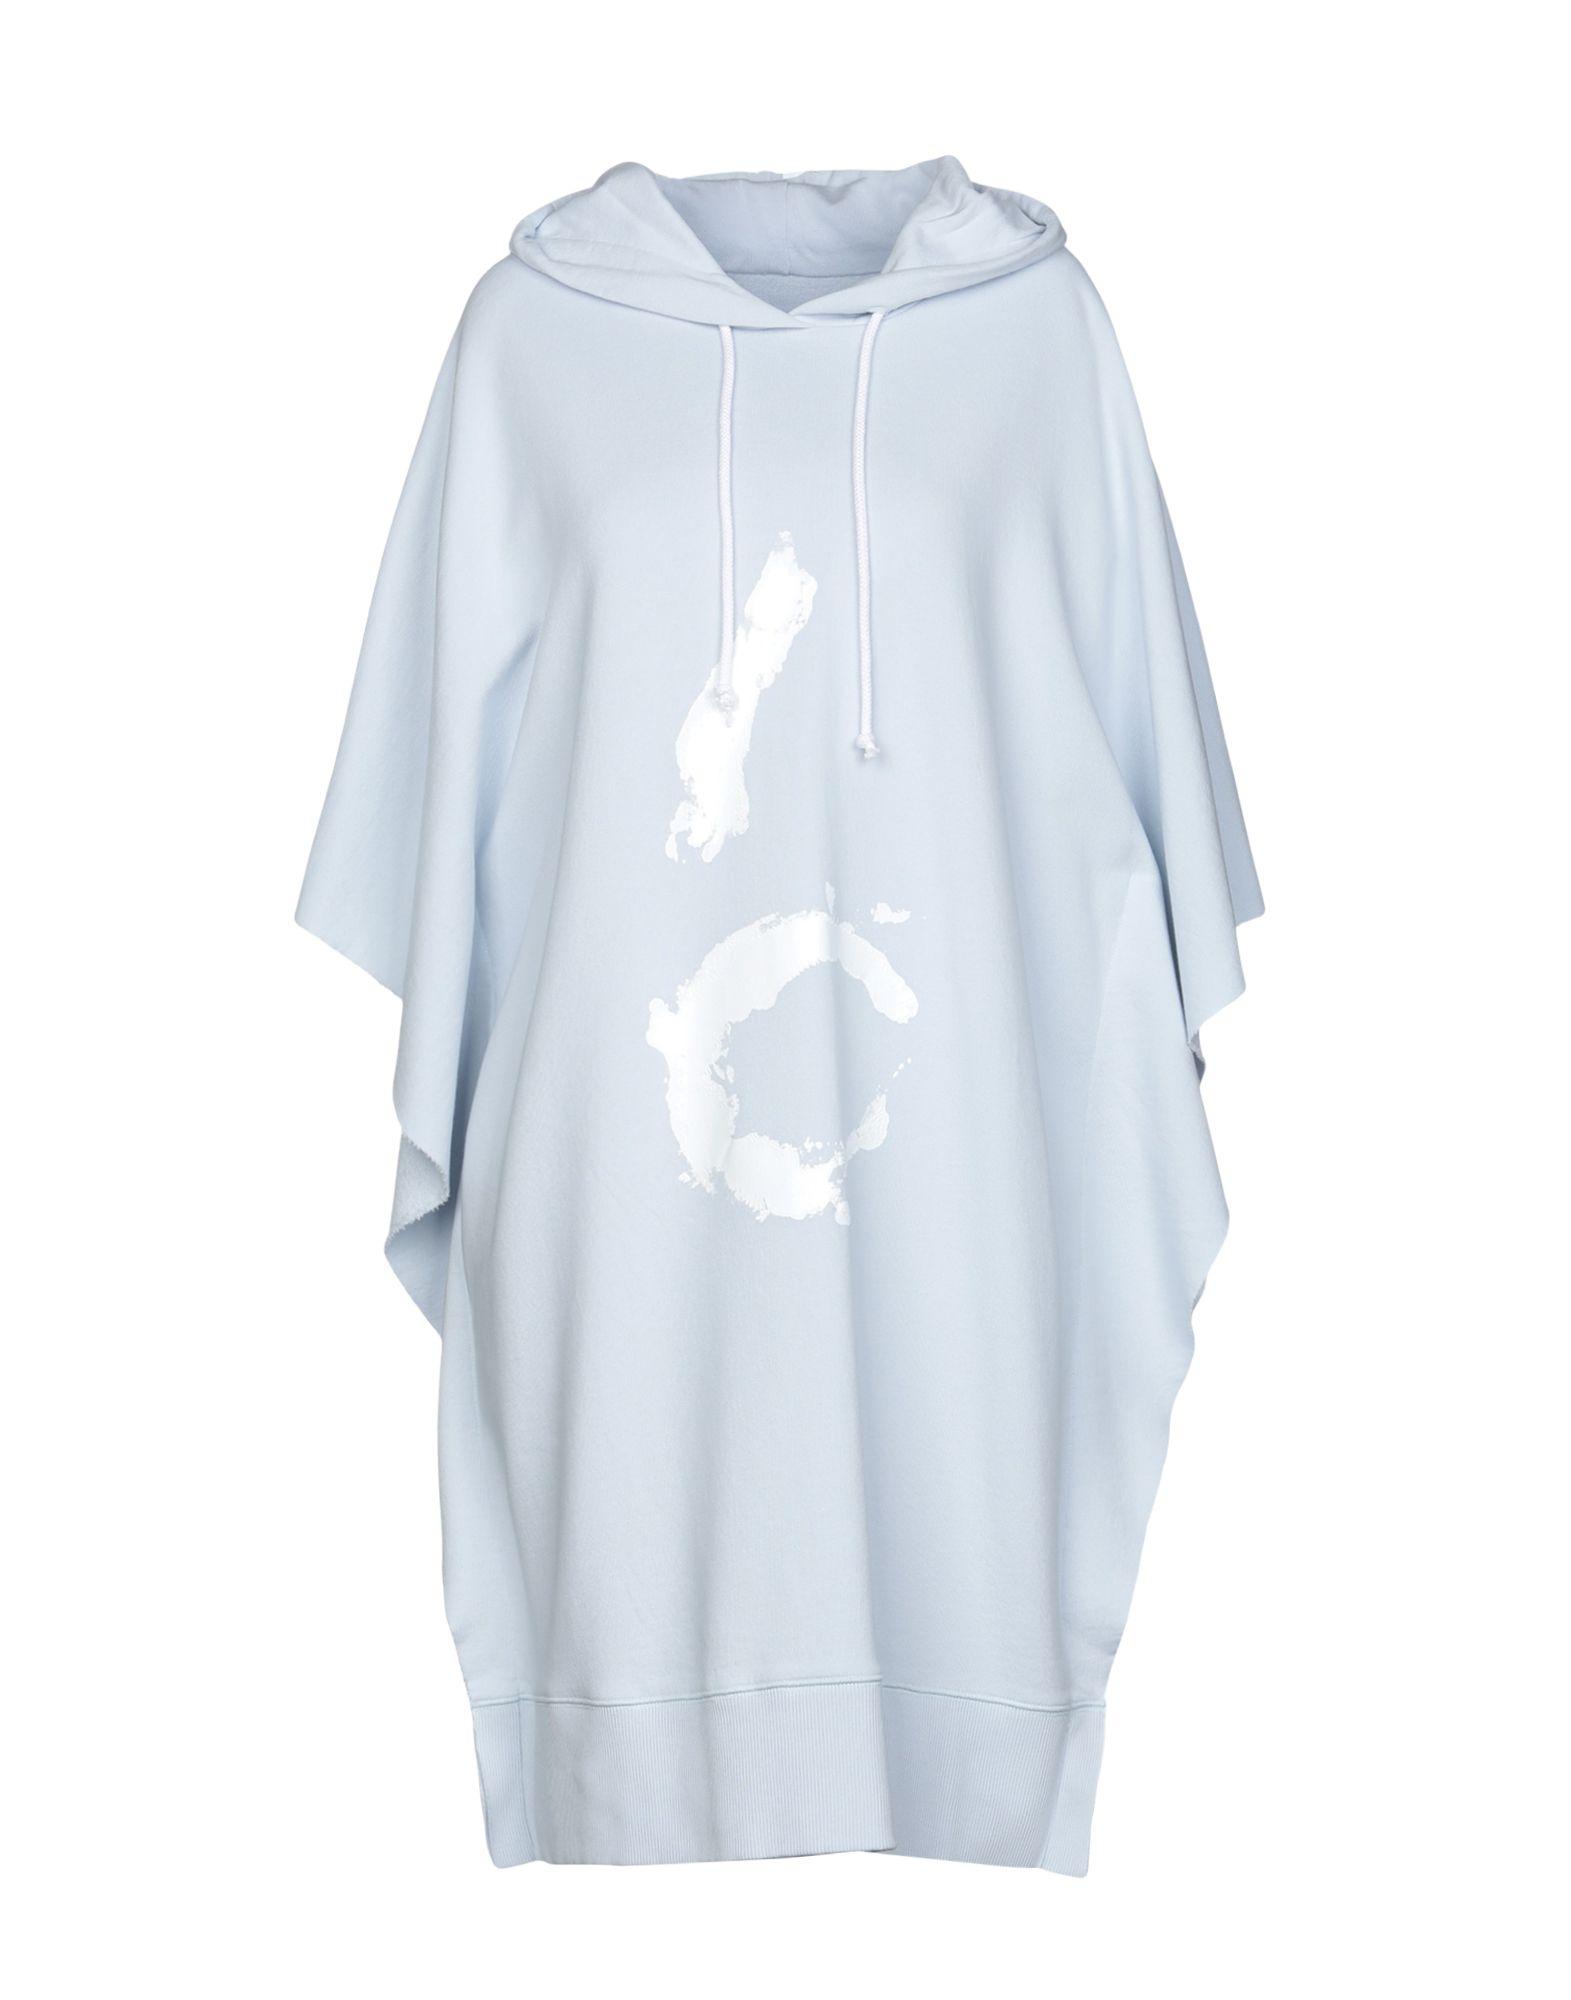 купить MM6 MAISON MARGIELA Короткое платье по цене 24500 рублей